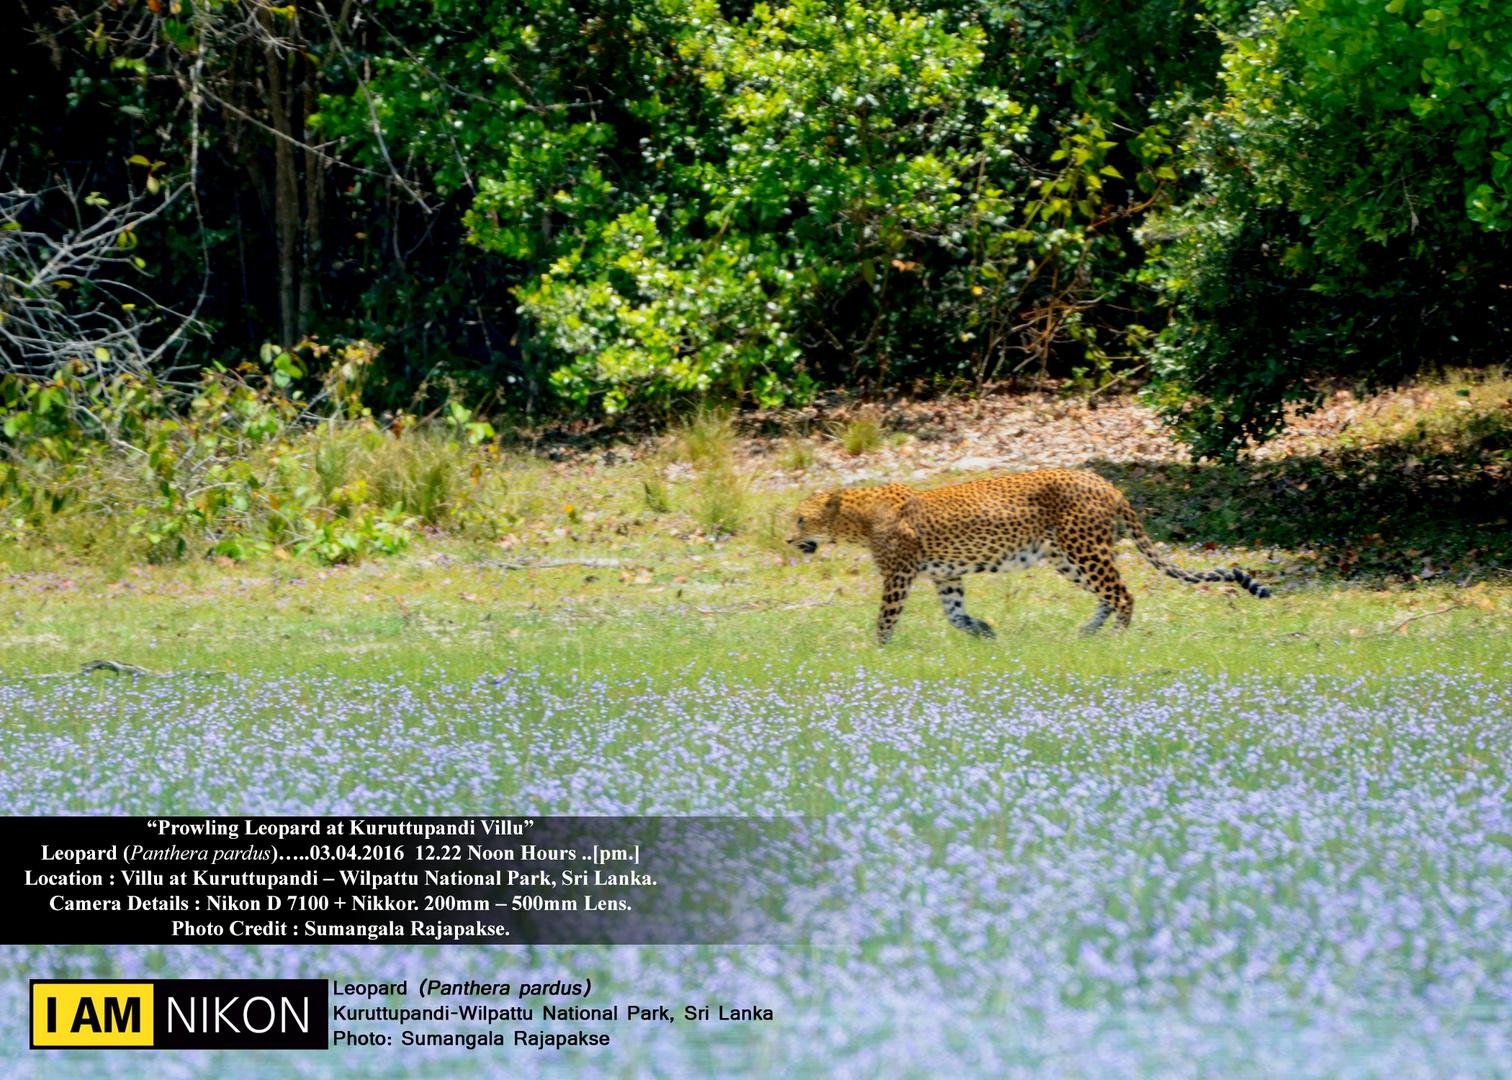 Prowling Leopard.